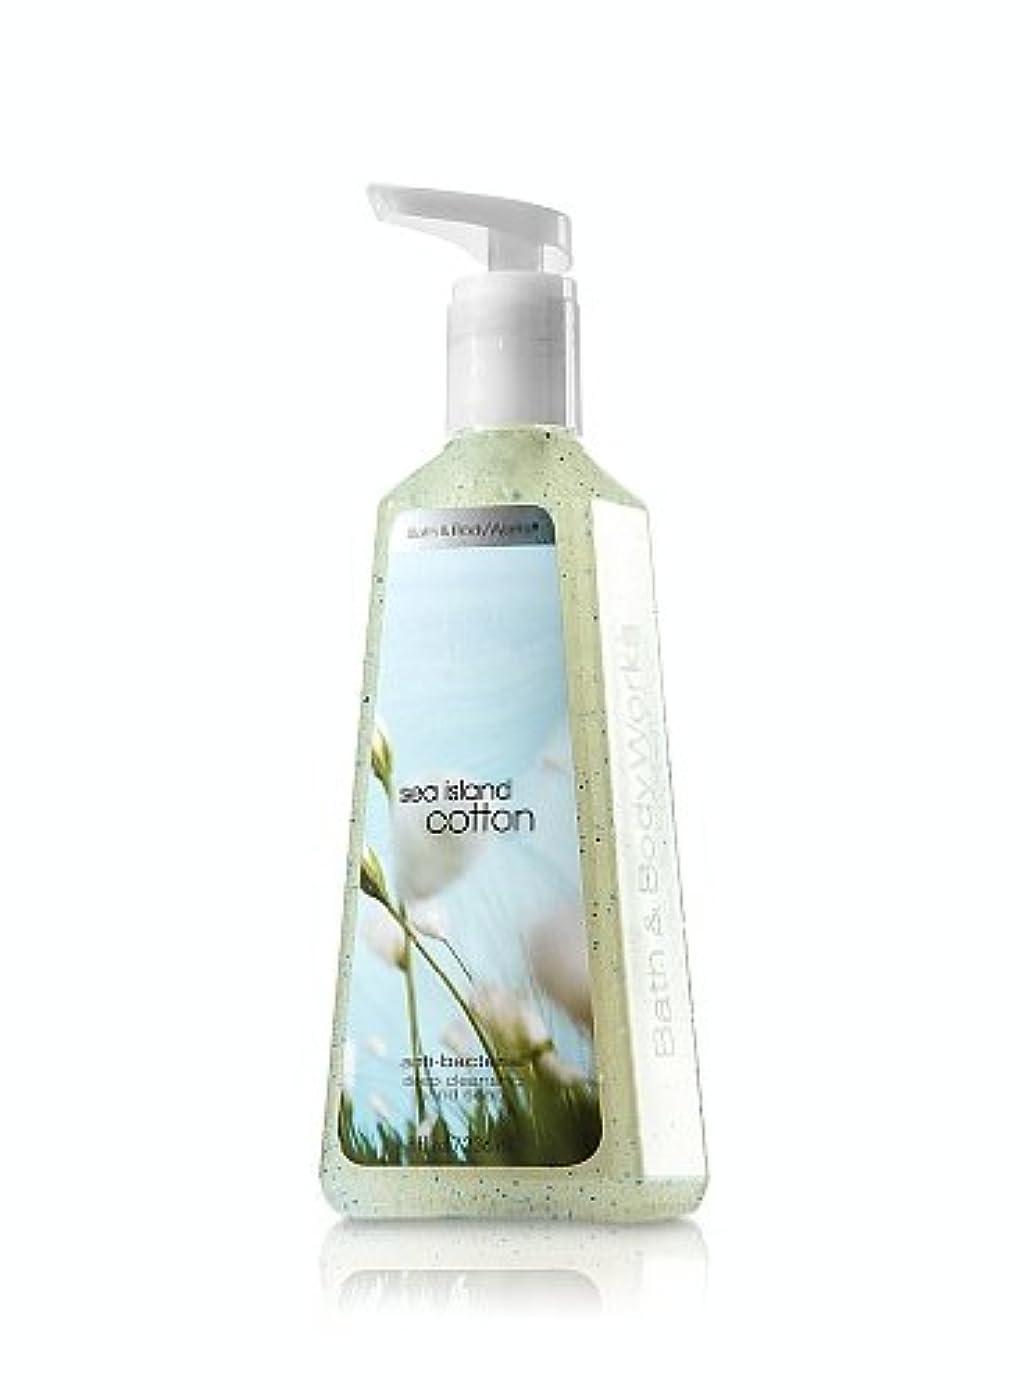 補体取り出す甲虫バス&ボディワークス シーアイランドコットン ディープクレンジングハンドソープ Sea Island Cotton Deep Cleansing Hand Soap [並行輸入品]